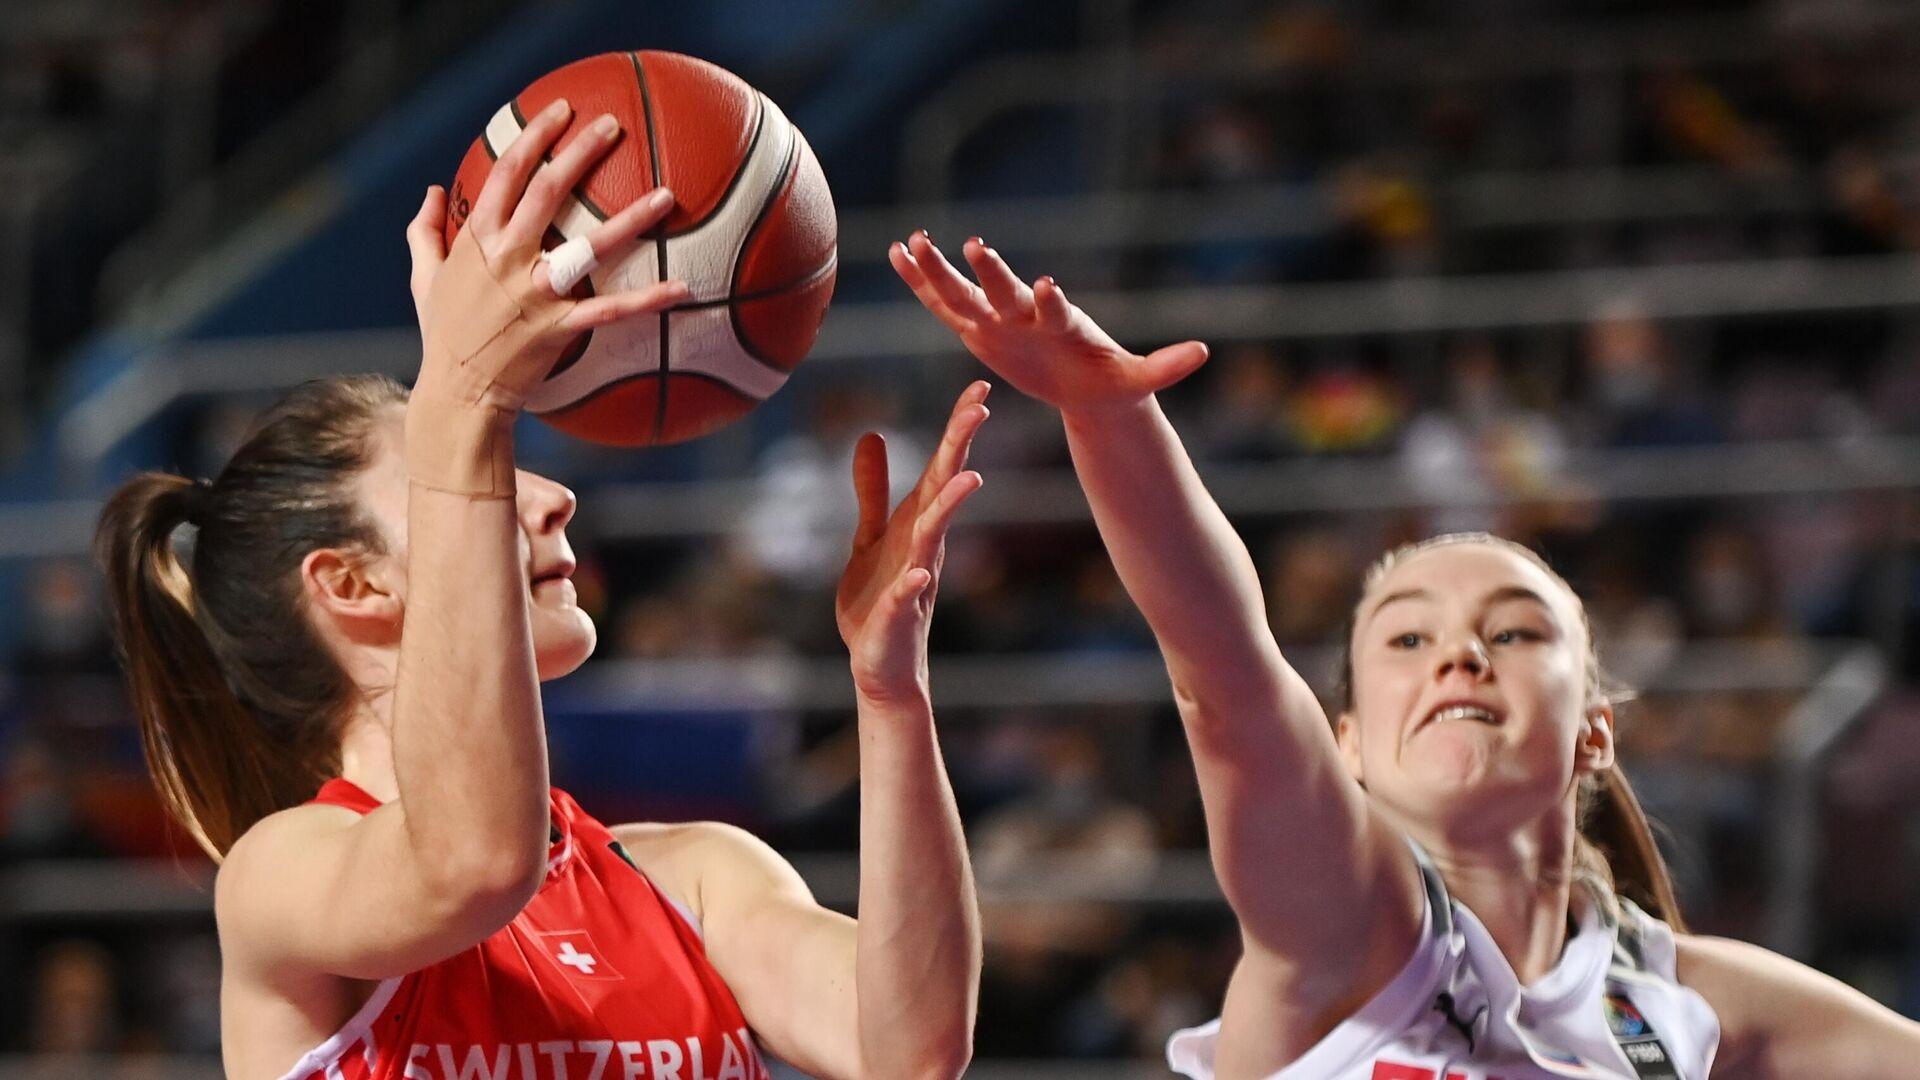 Баскетбол. Женщины. Квалификация Евробаскета-2021. Матч Россия – Швейцария - РИА Новости, 1920, 06.02.2021